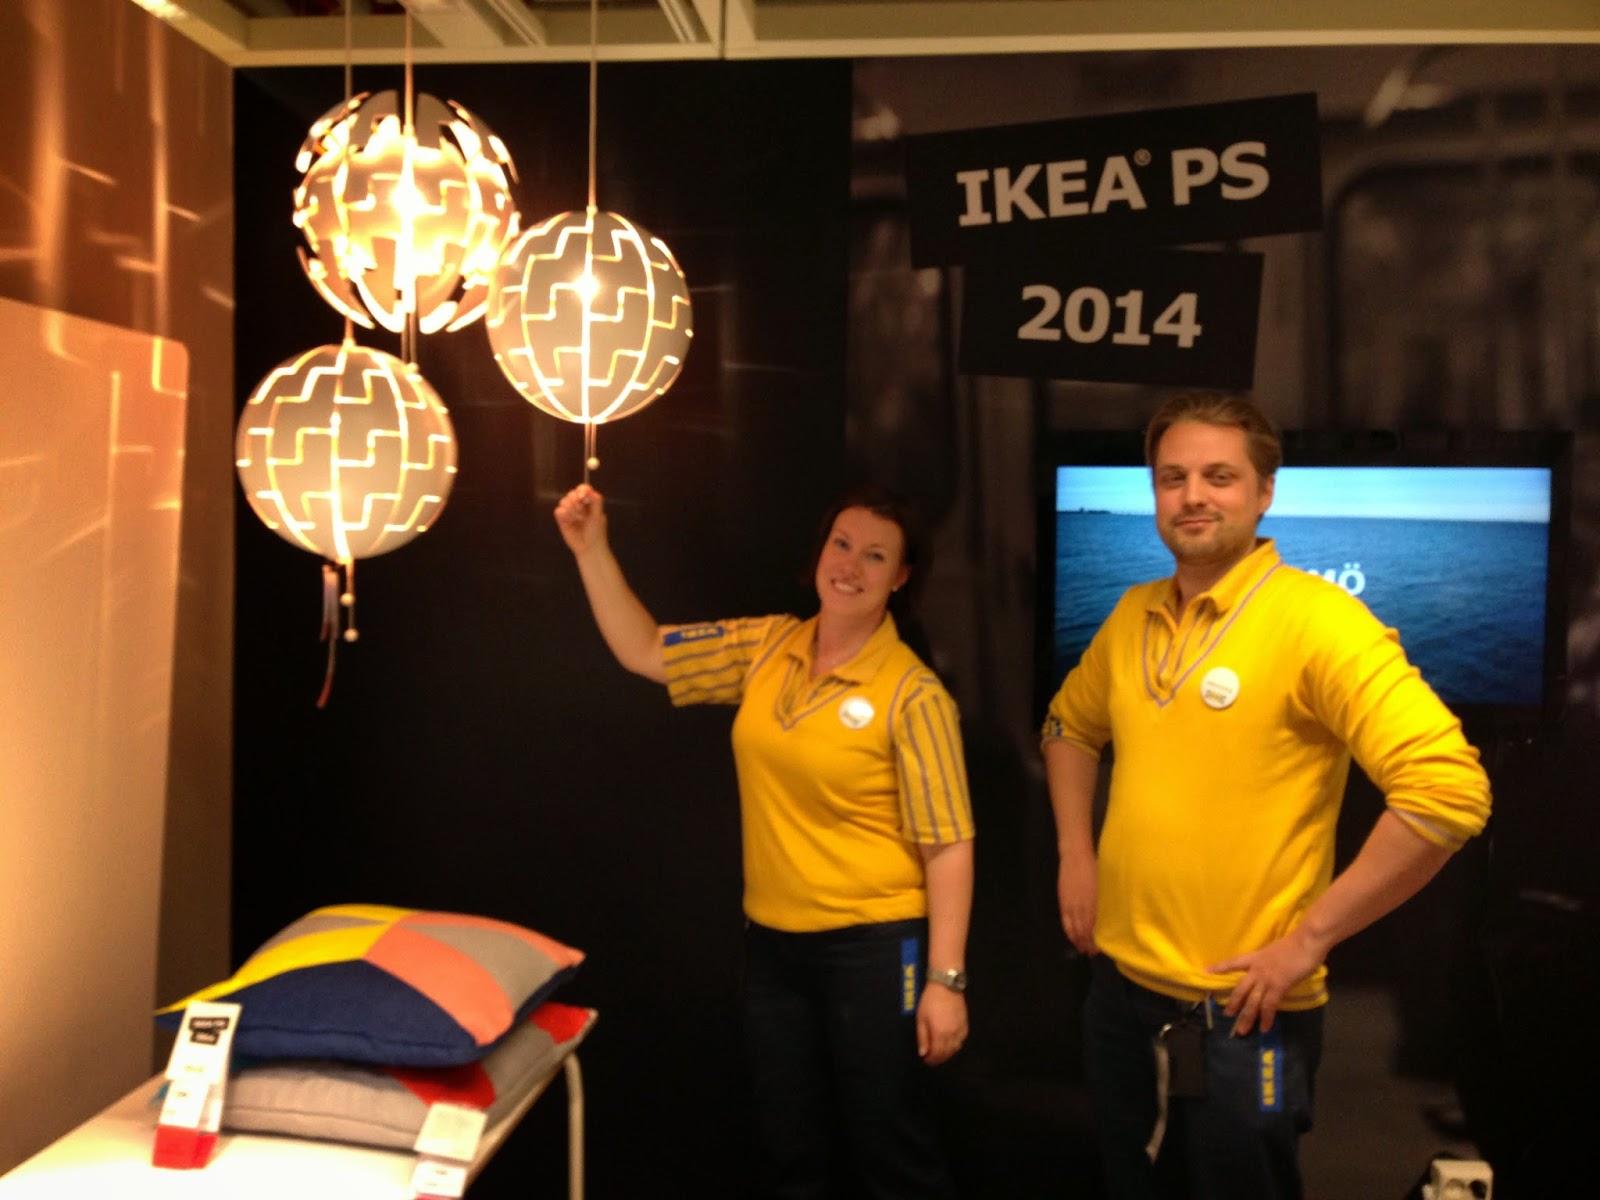 Kreativa kvadrat ab: ikea ps 2014   säljstart på ikea jönköping idag!